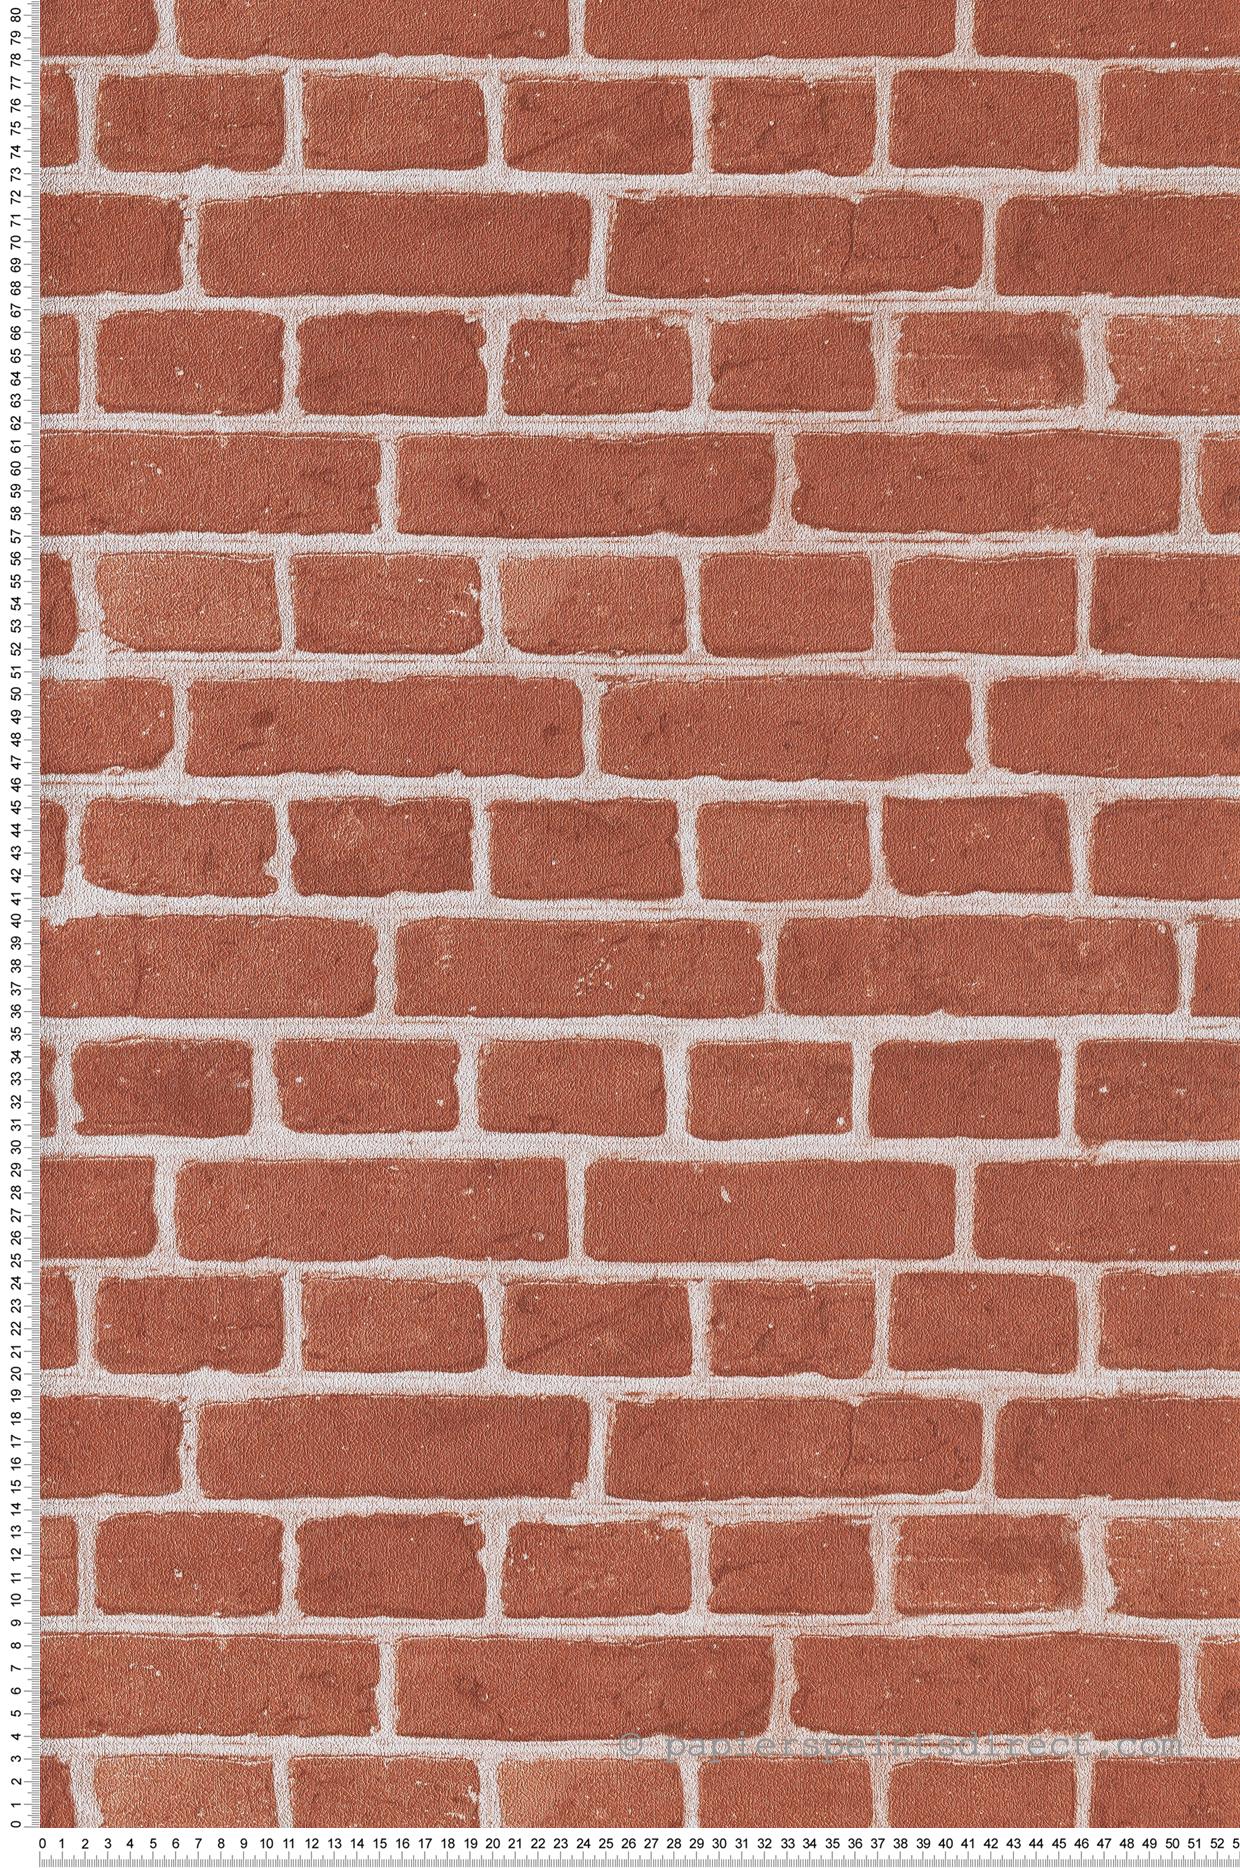 Papier peint Briques rouges terracotta - Au Bistrot d'Alice de Casélio | Réf. BIS100688083